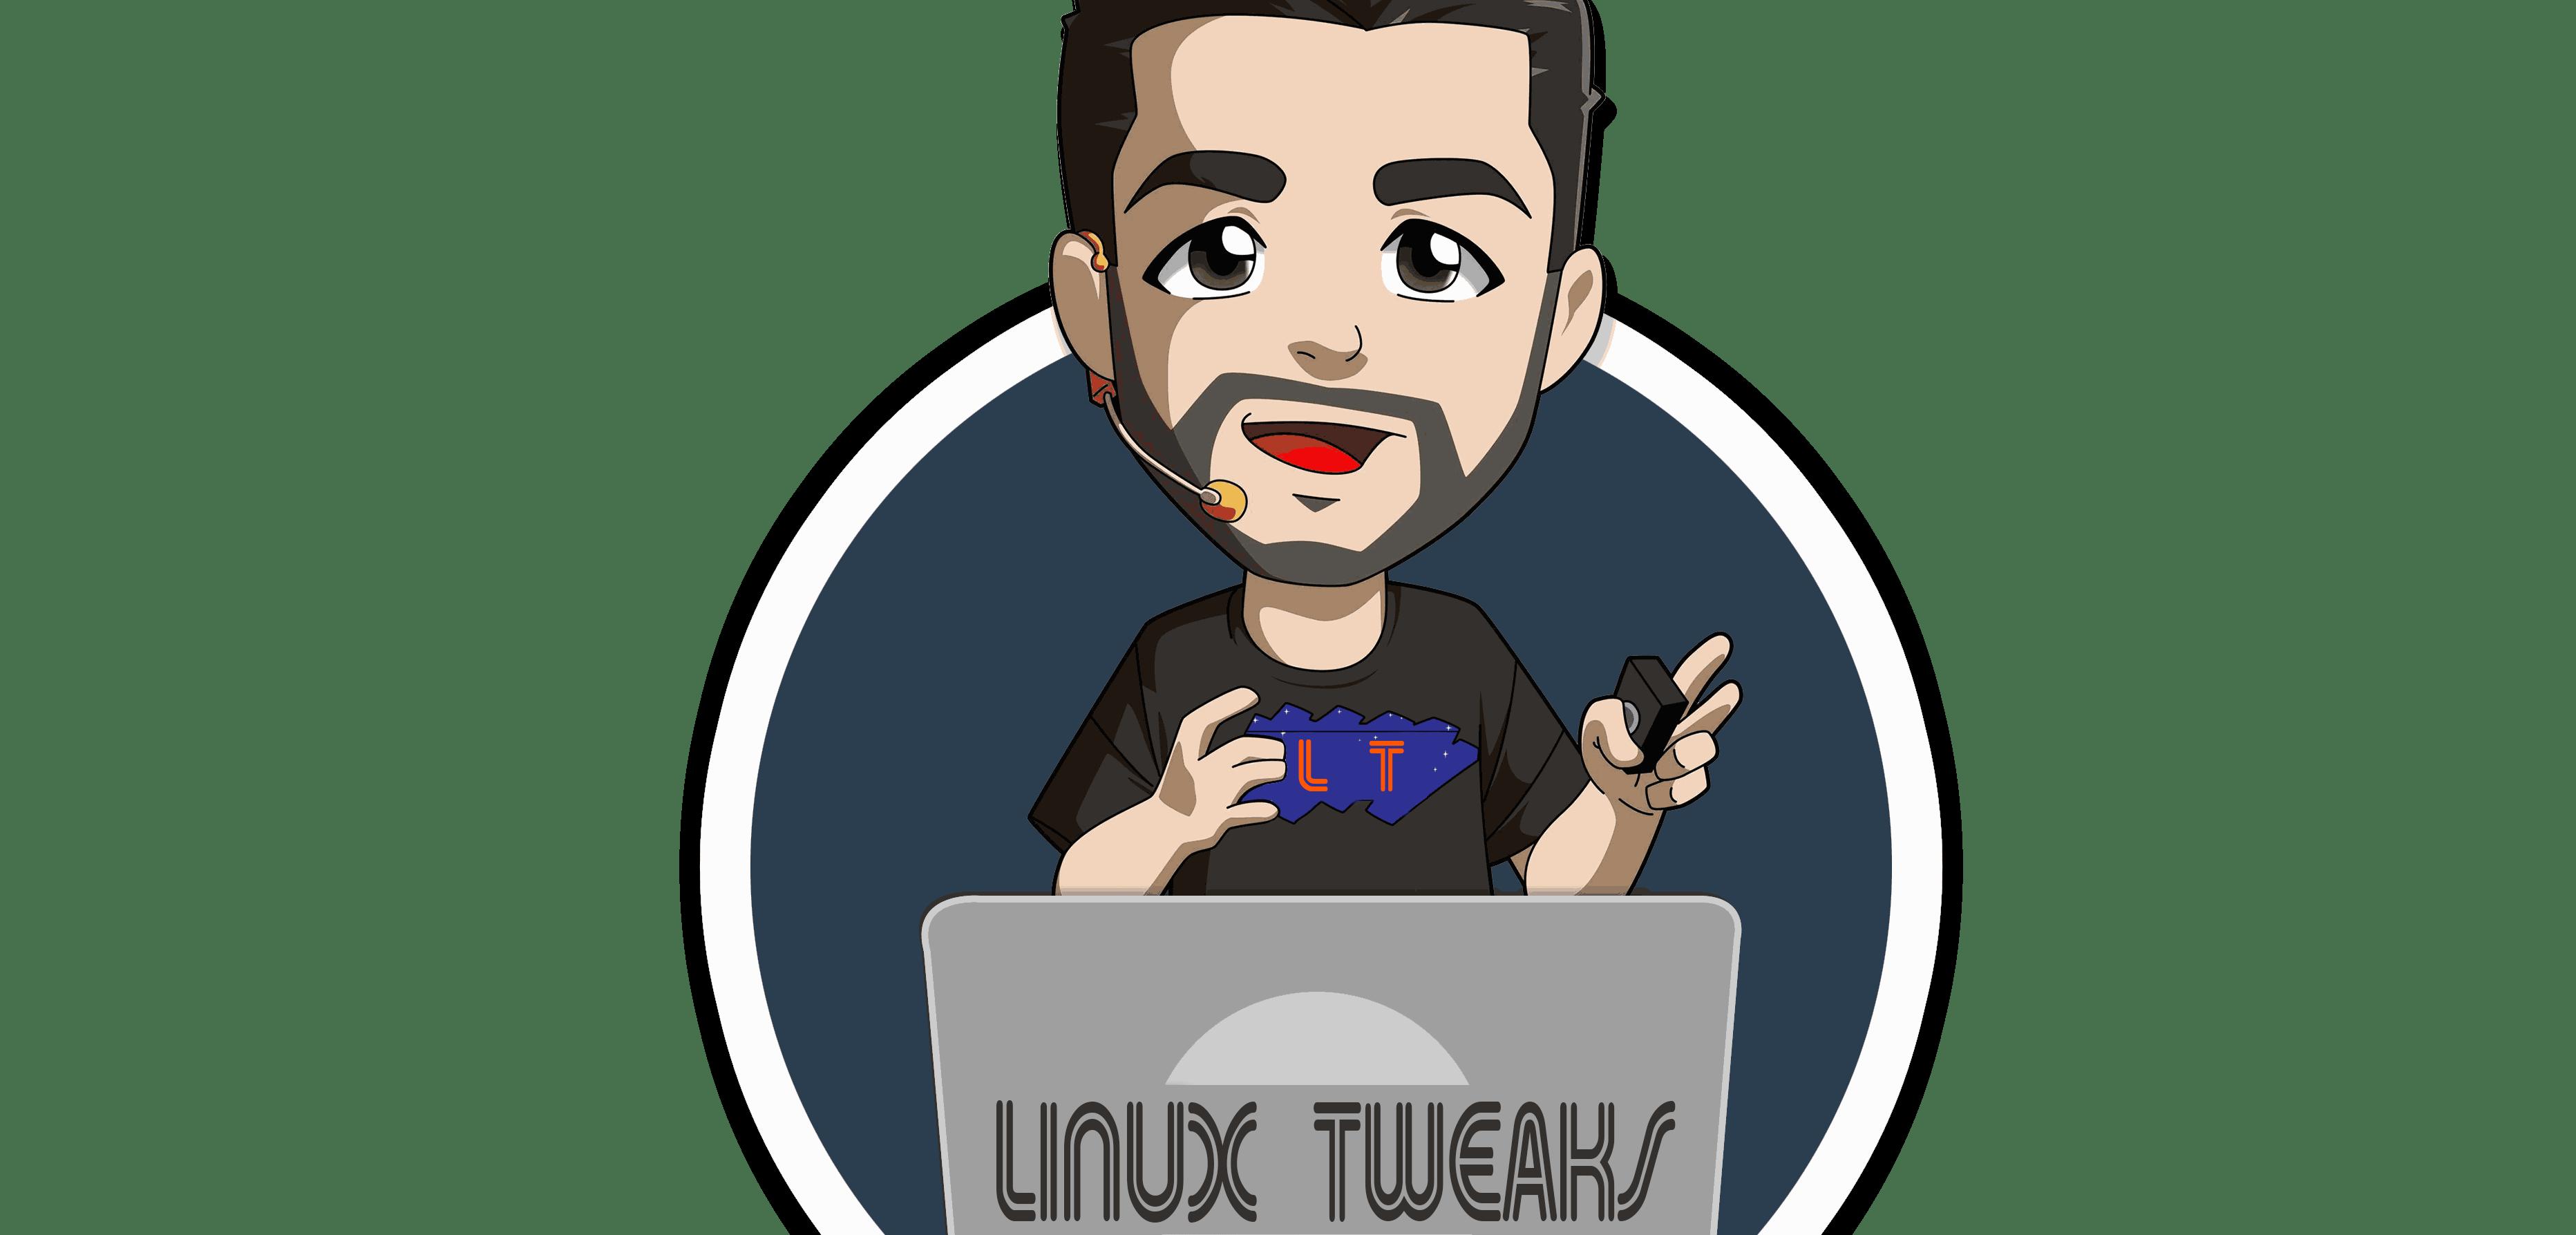 Linux Tweaks